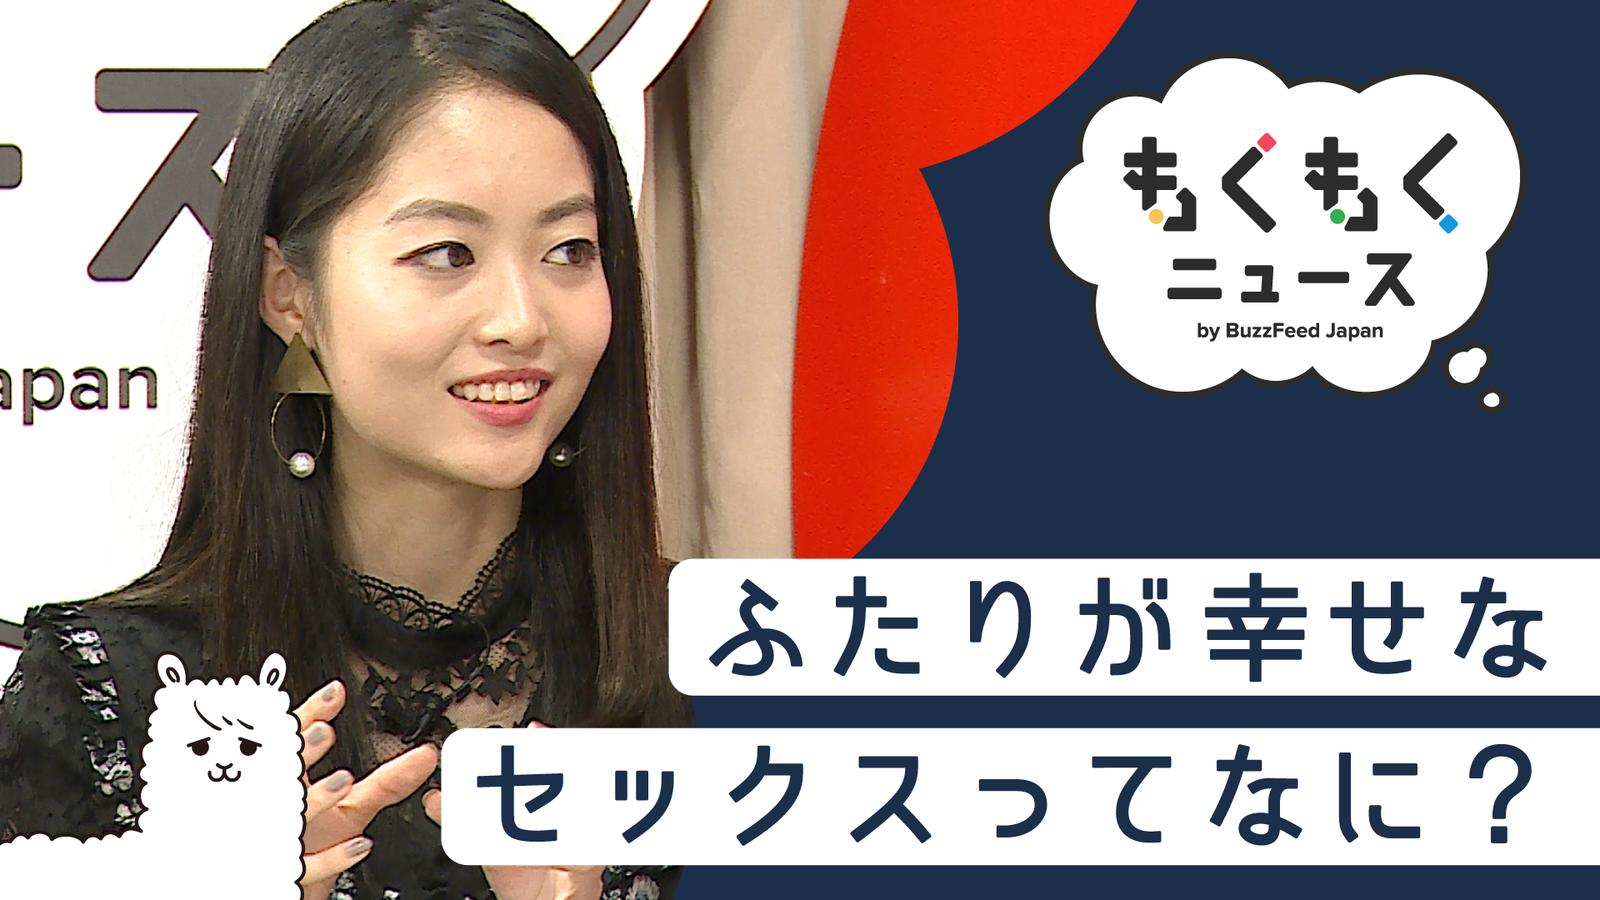 buzzfeed.com - 元AV女優・麻美ゆまが語る 「AVはファンタジー。あくまで観賞用なんです」